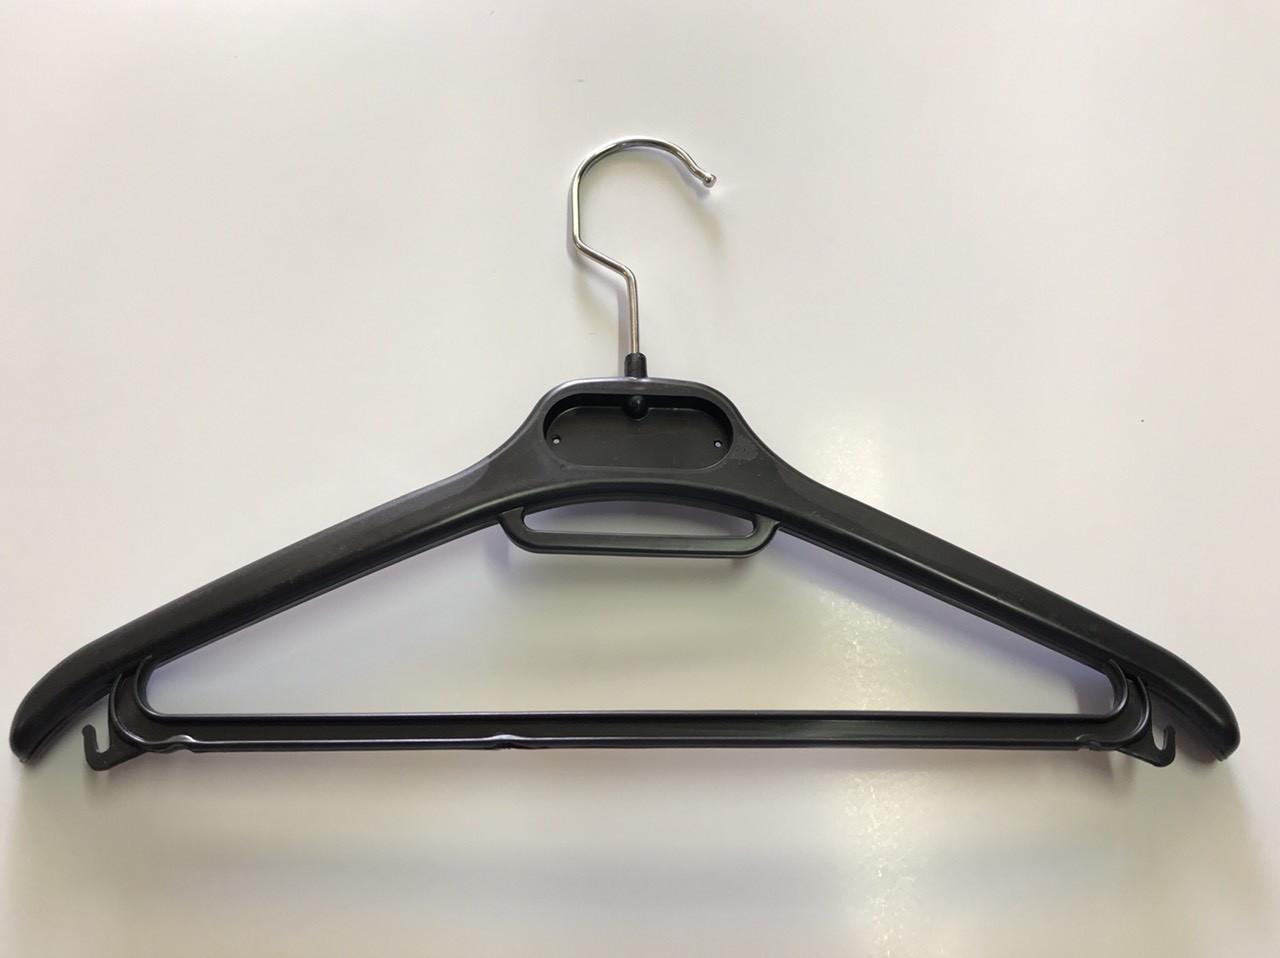 Вешалки, плечики тремпеля 32см для детской одежды с перекладиной жесткий металлический крючок